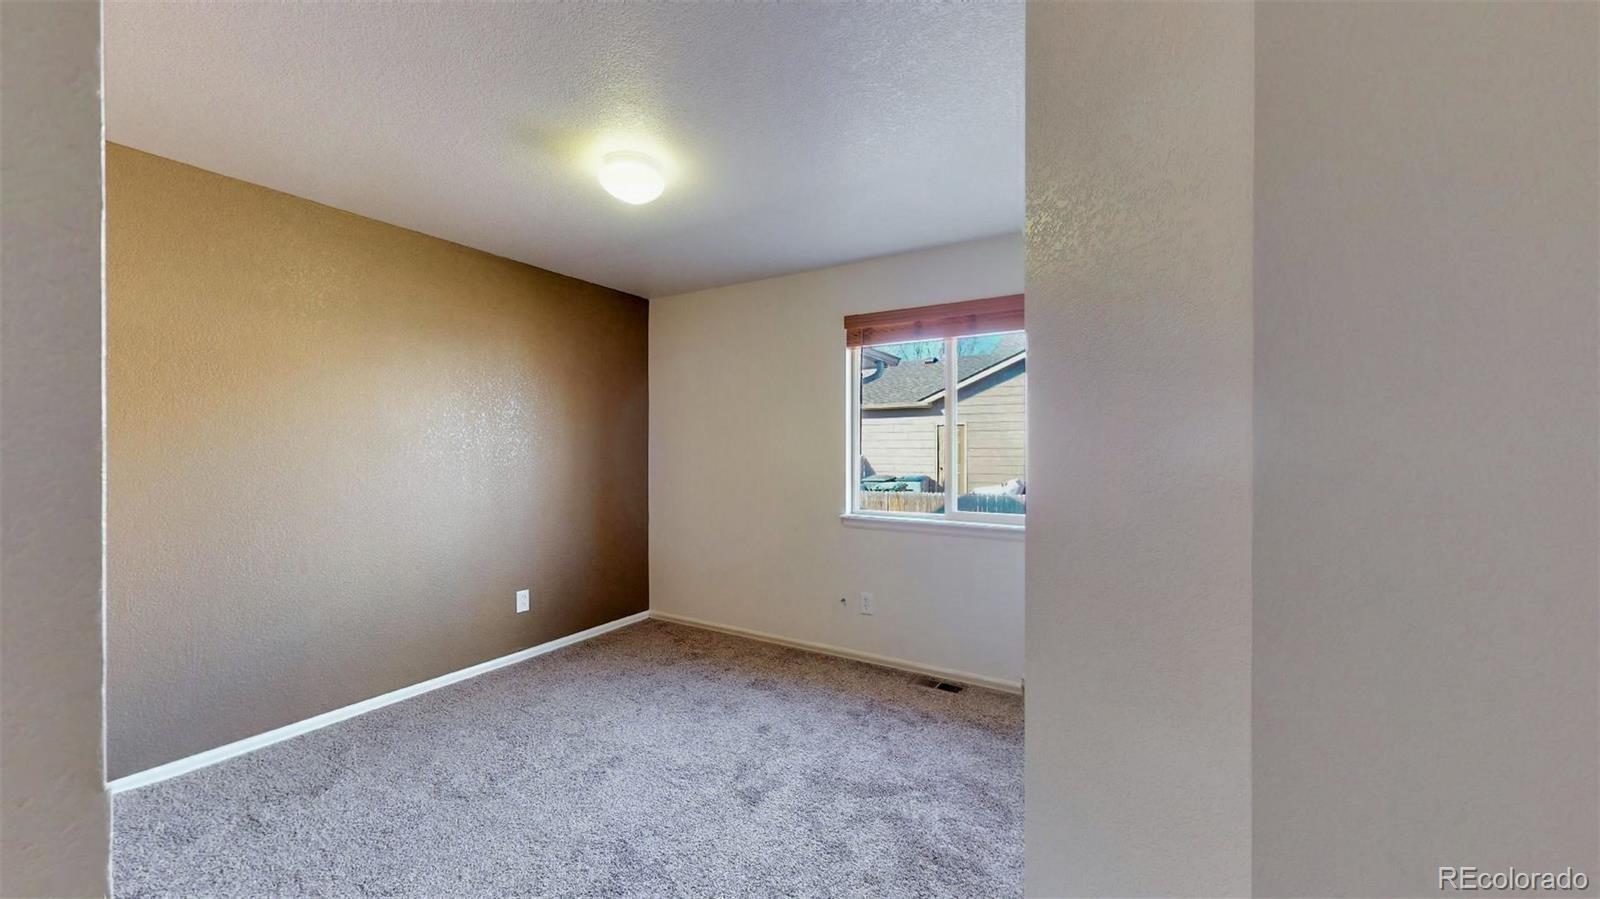 MLS# 1663875 - 20 - 608 Olympia Avenue, Longmont, CO 80504